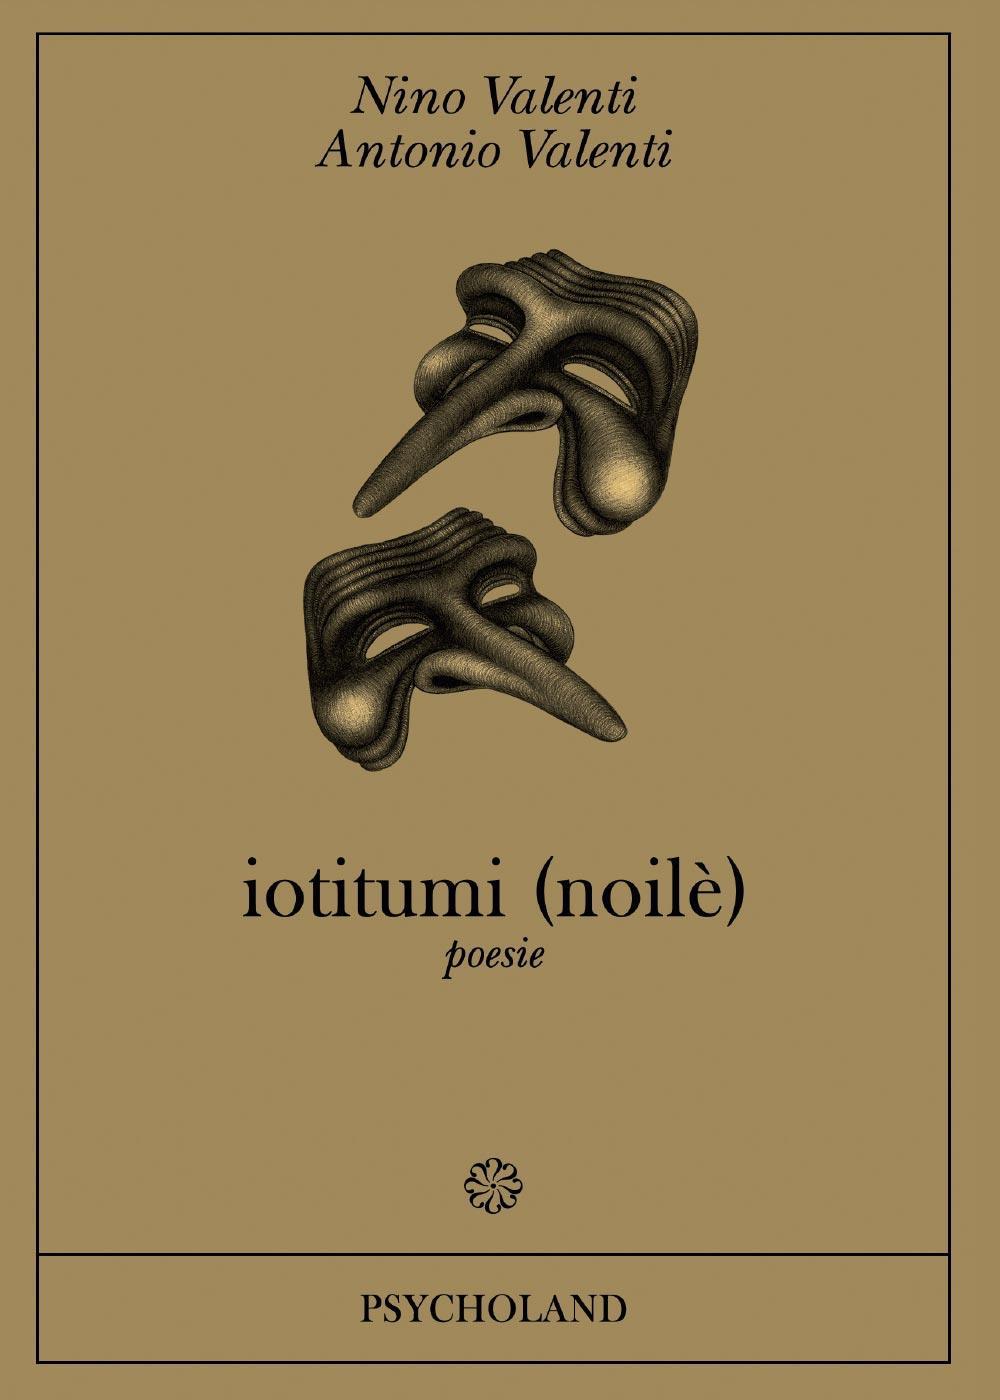 iotitumi (noilè)